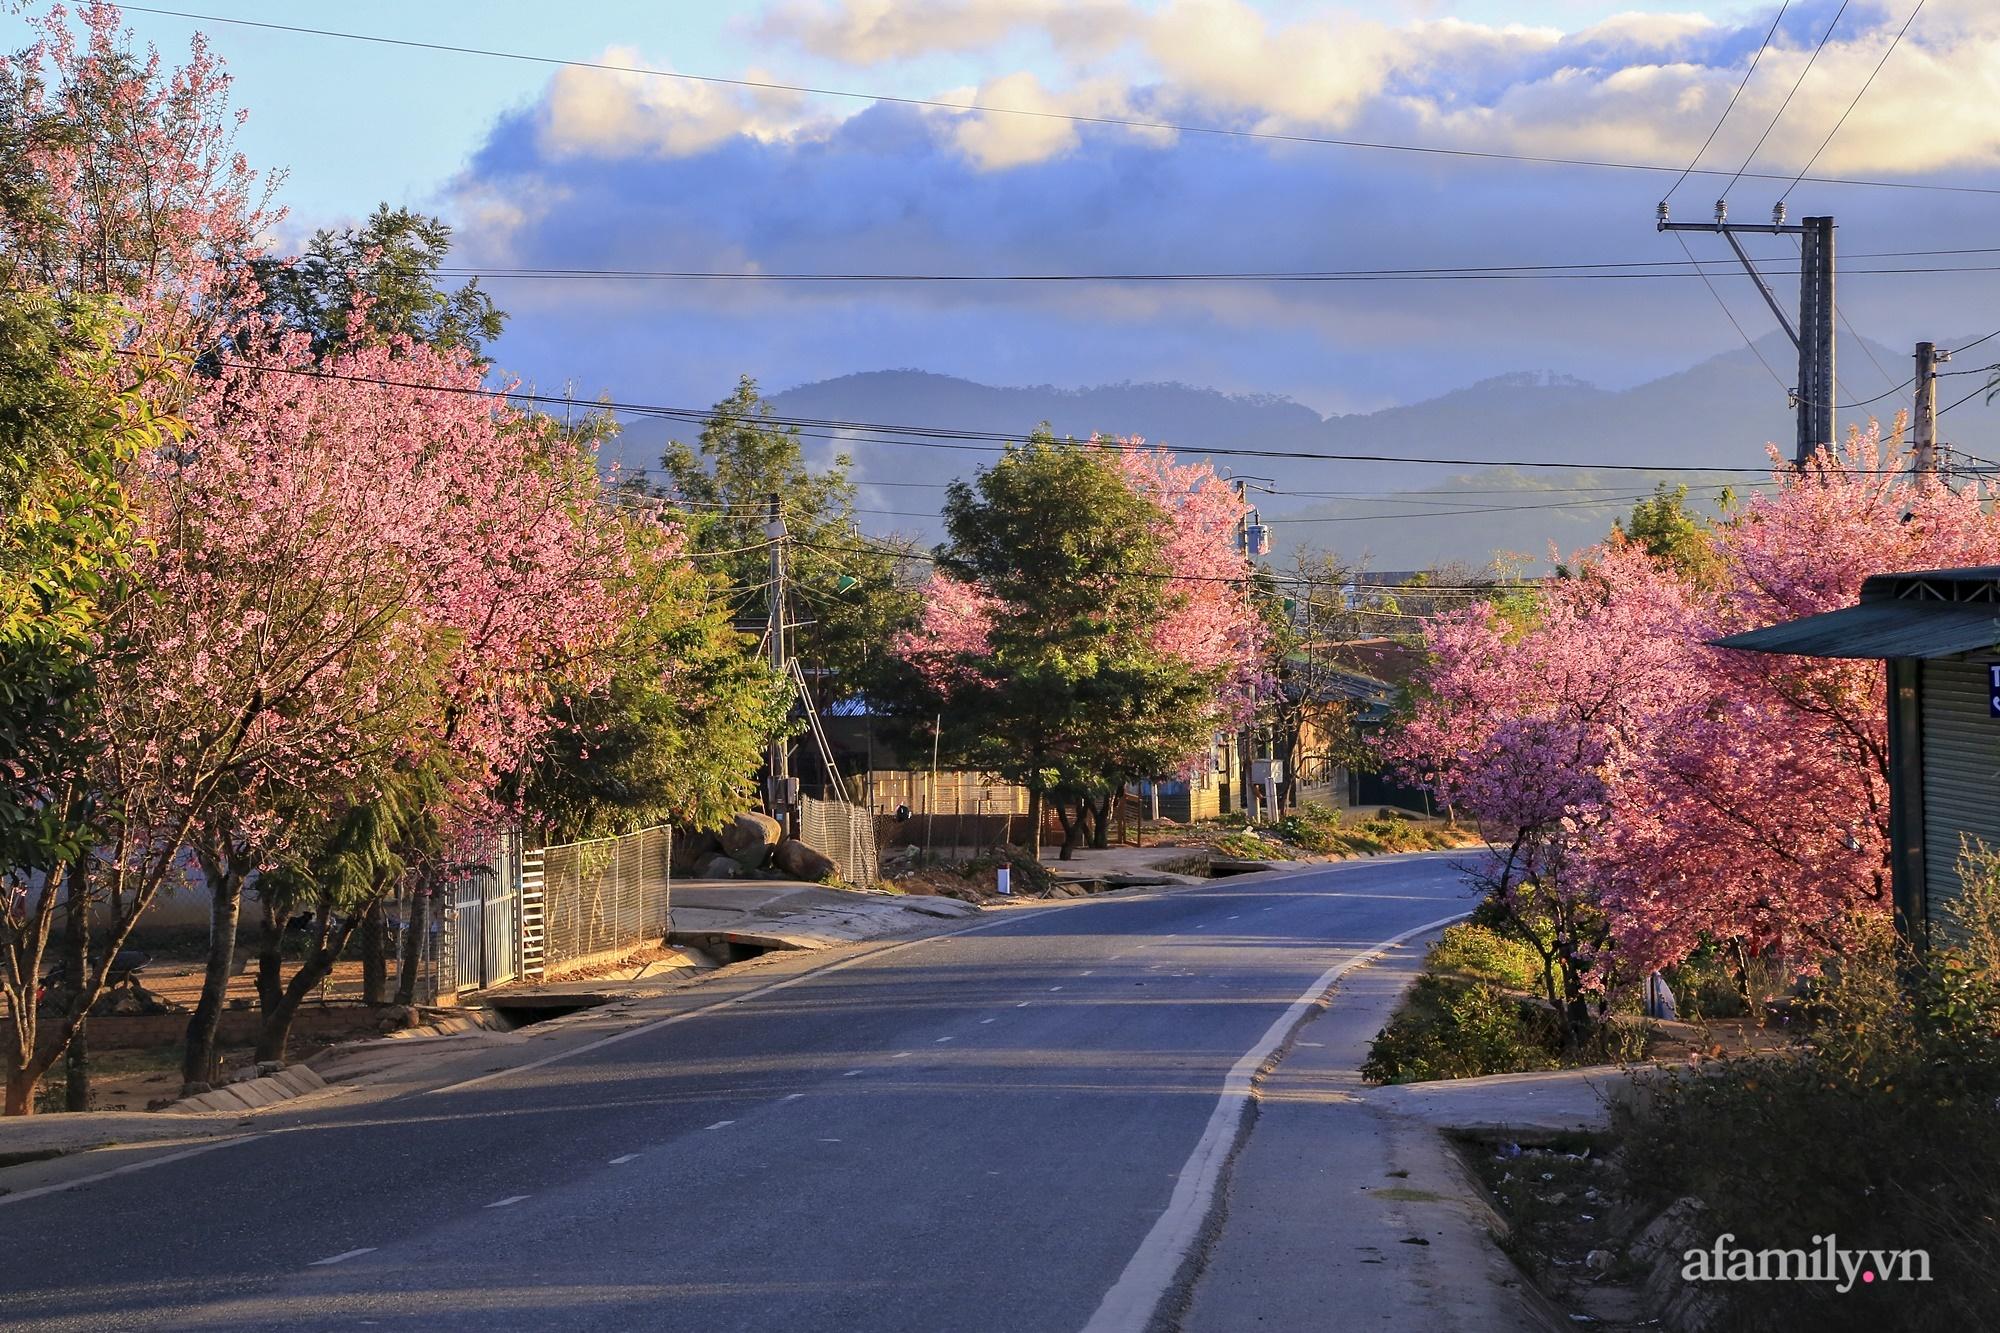 Ngắm hoa mai anh đào nở rợp trời ở ngôi làng đẹp lạ như Tây Tạng, nằm ngay gần trung tâm TP. Đà Lạt mà không phải ai cũng biết - Ảnh 1.